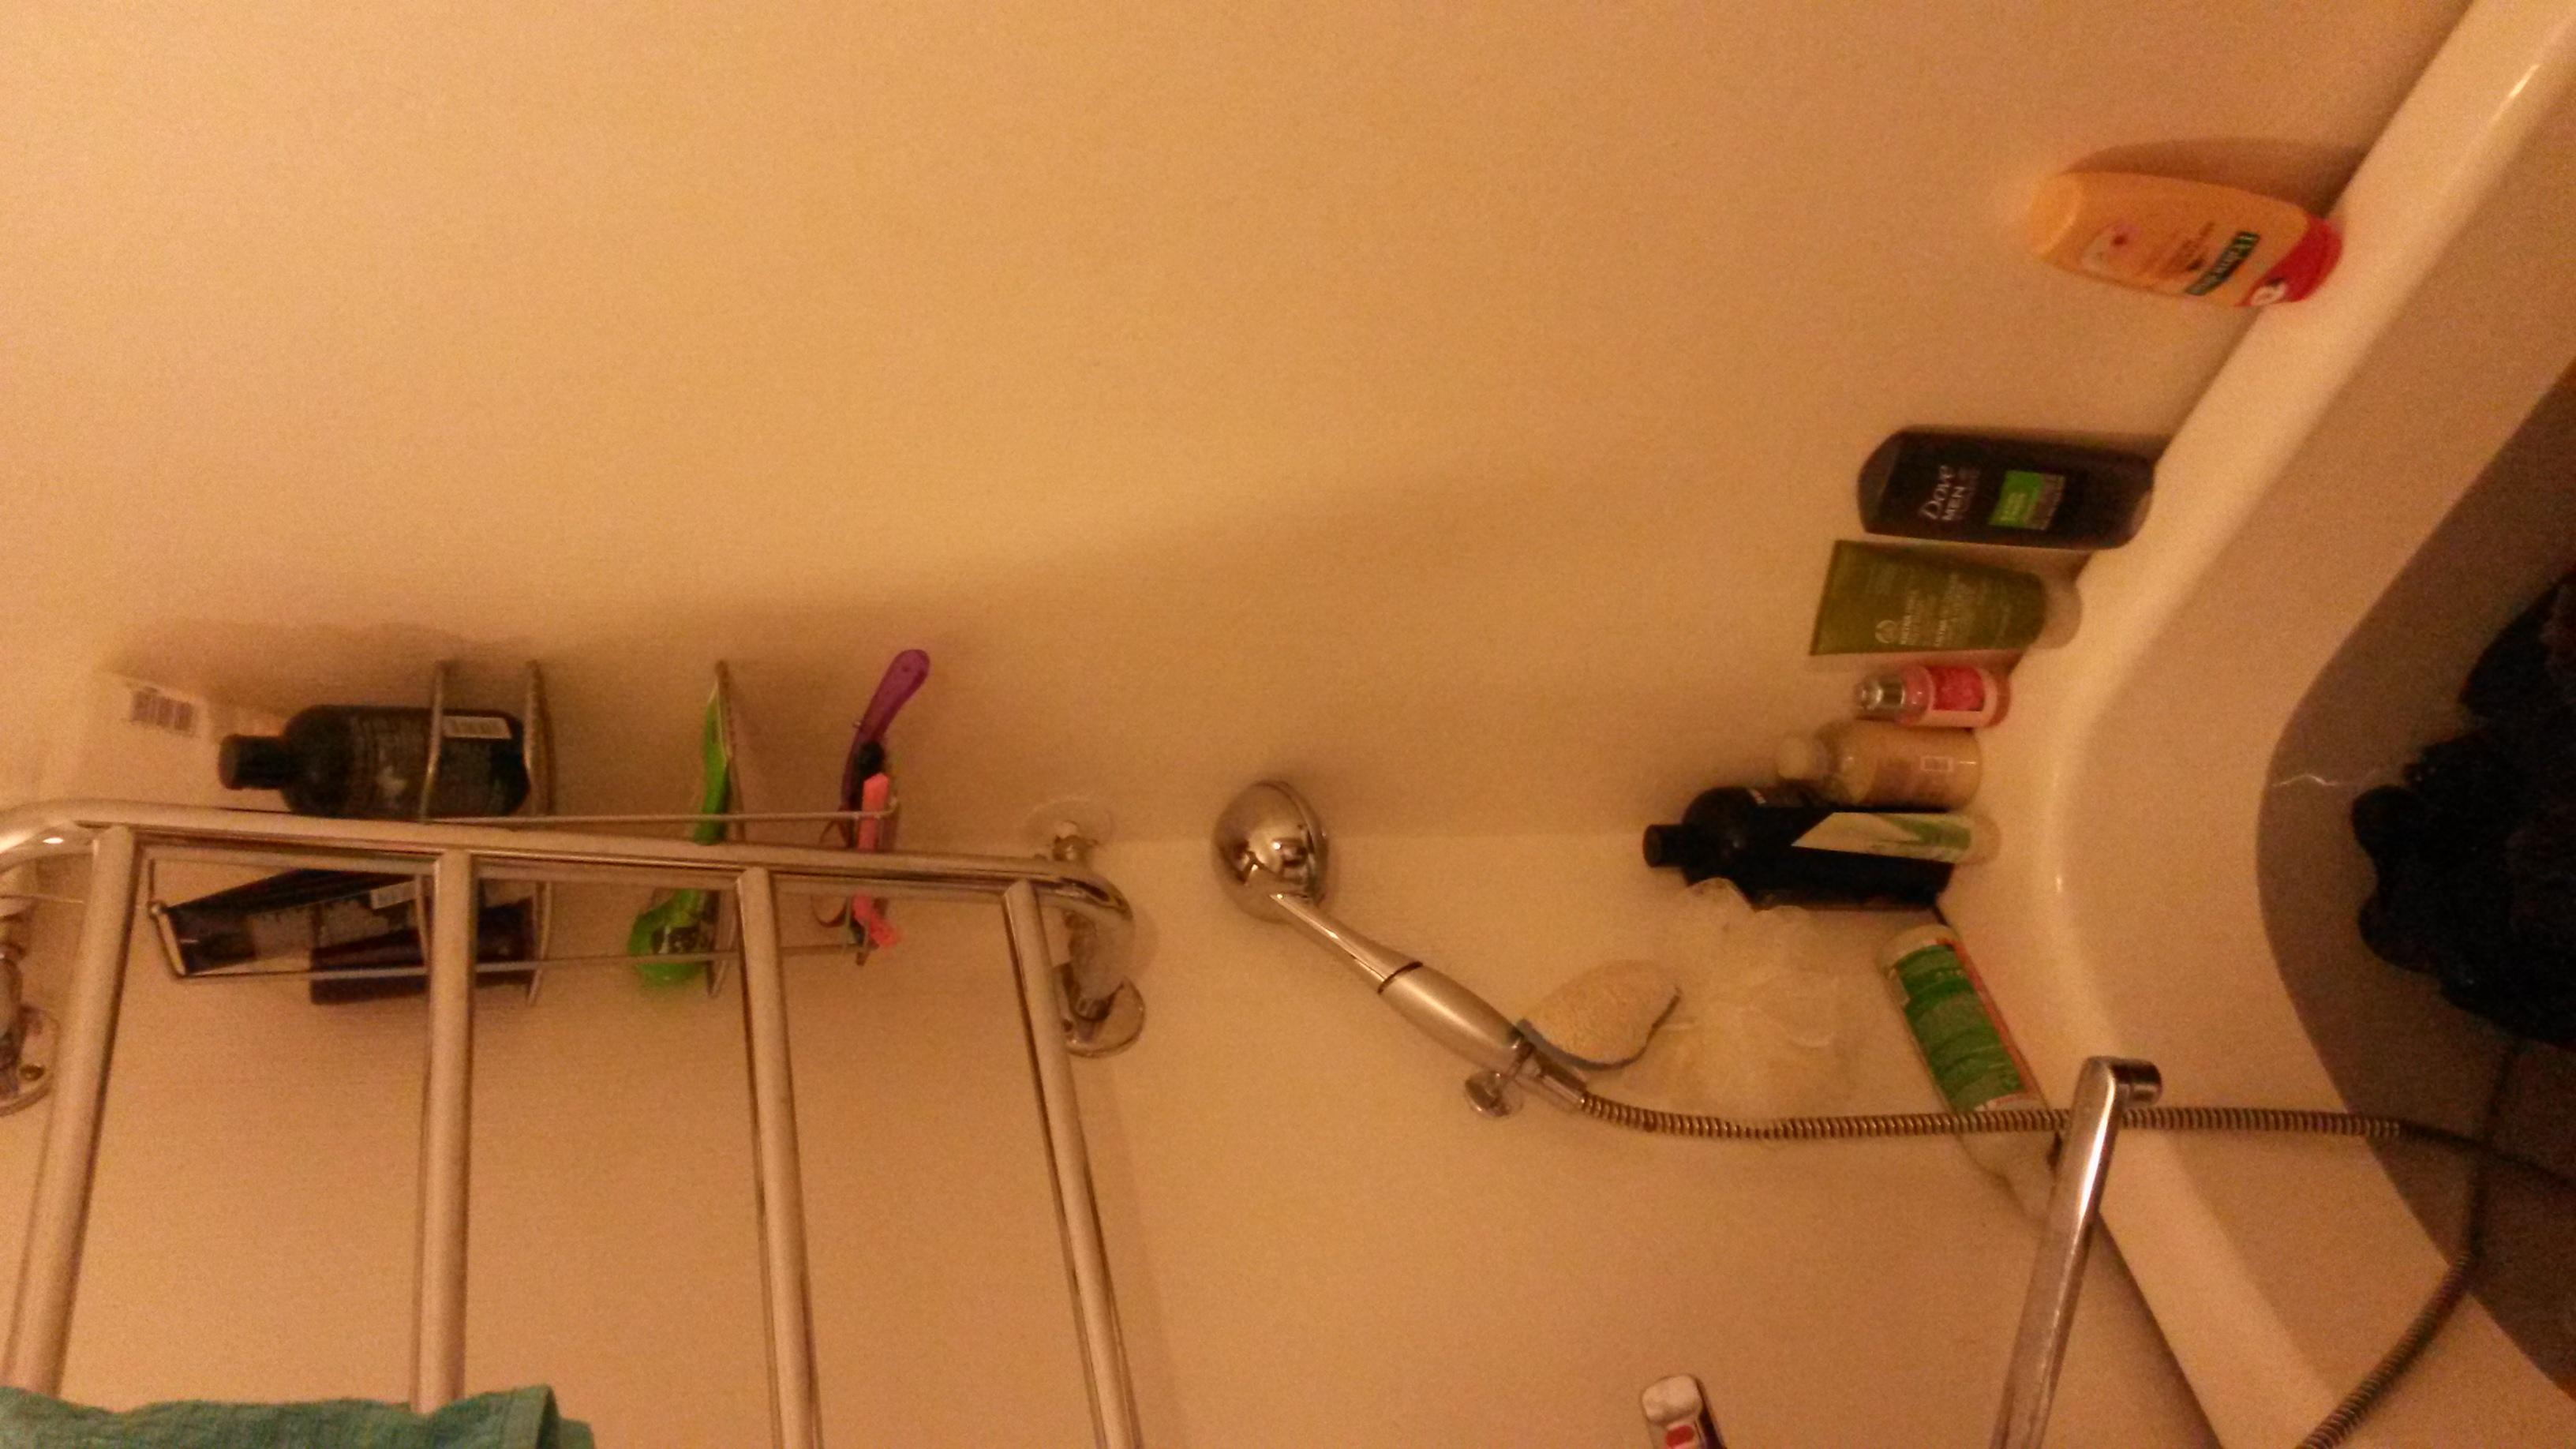 Förvaring duschutrymmet   husmorsprat   husmorstips ifokus